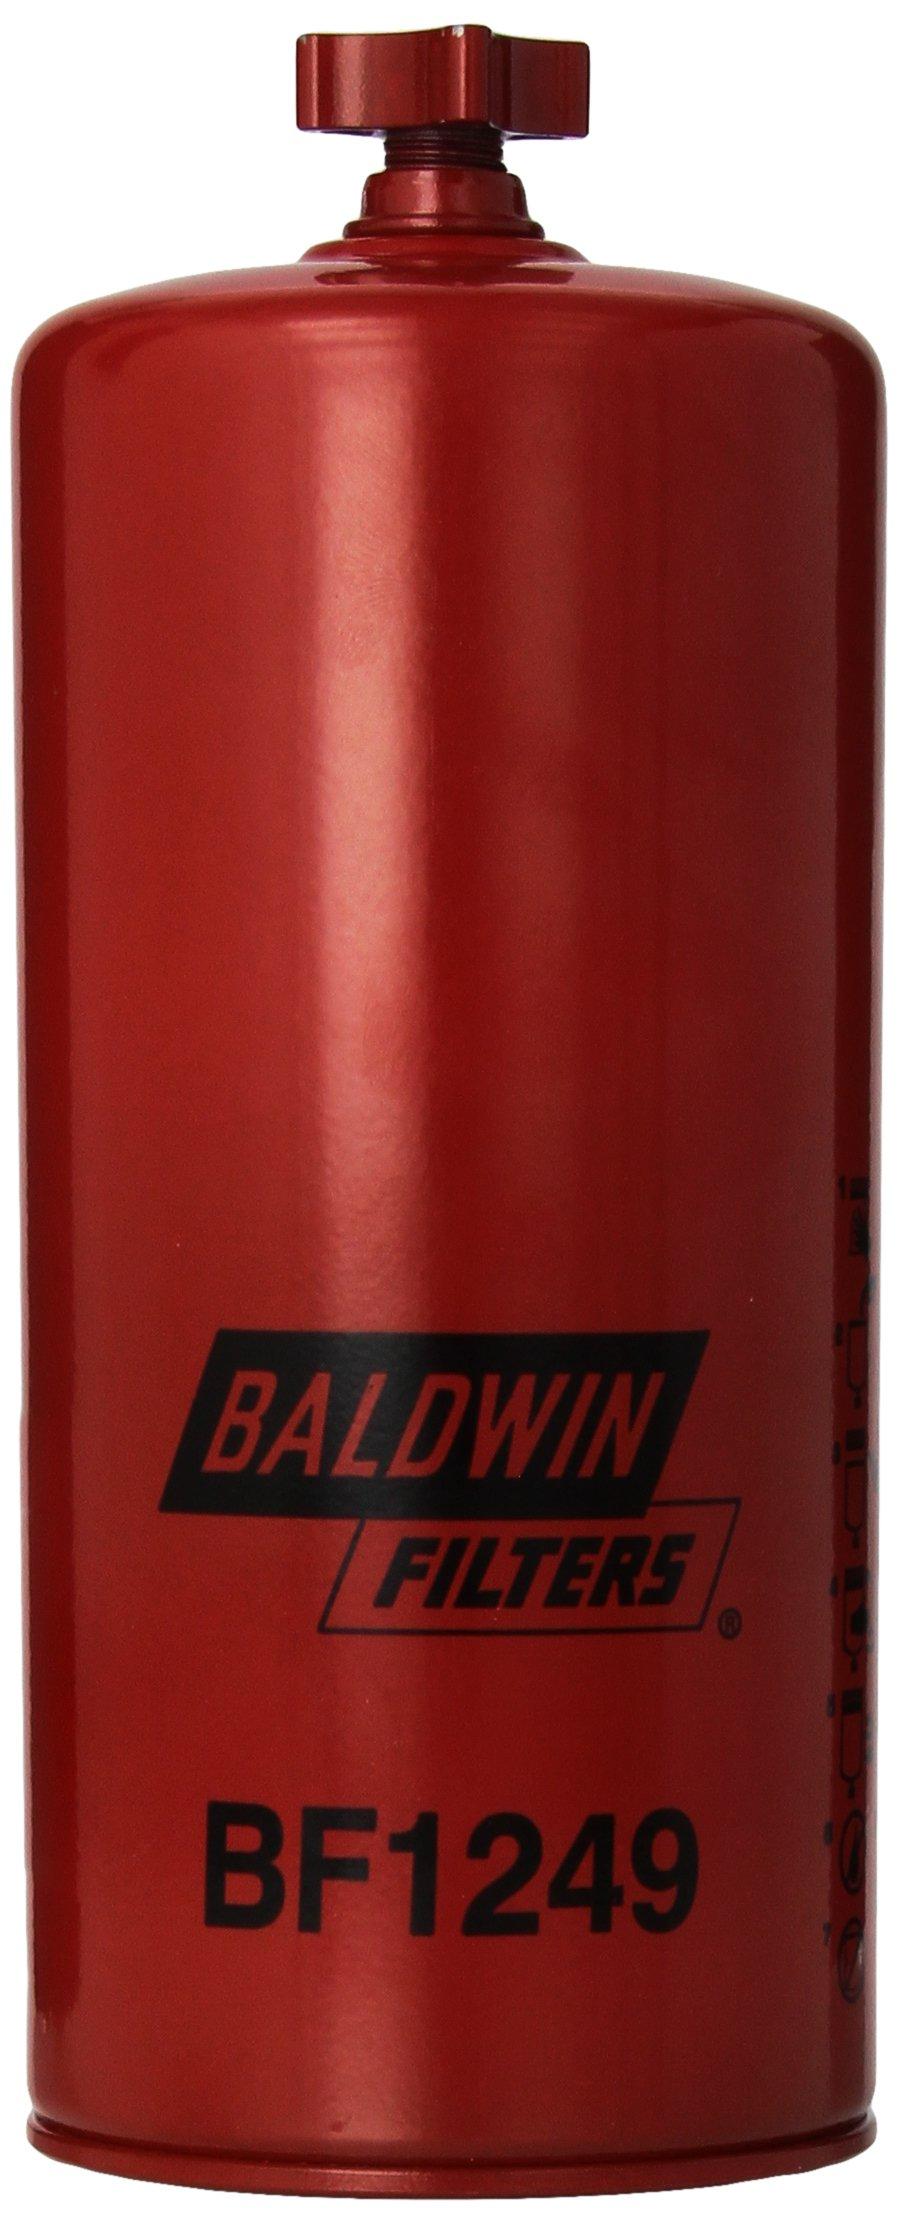 Baldwin BF1249 Heavy Duty Diesel Fuel Spin-On Filter by Baldwin